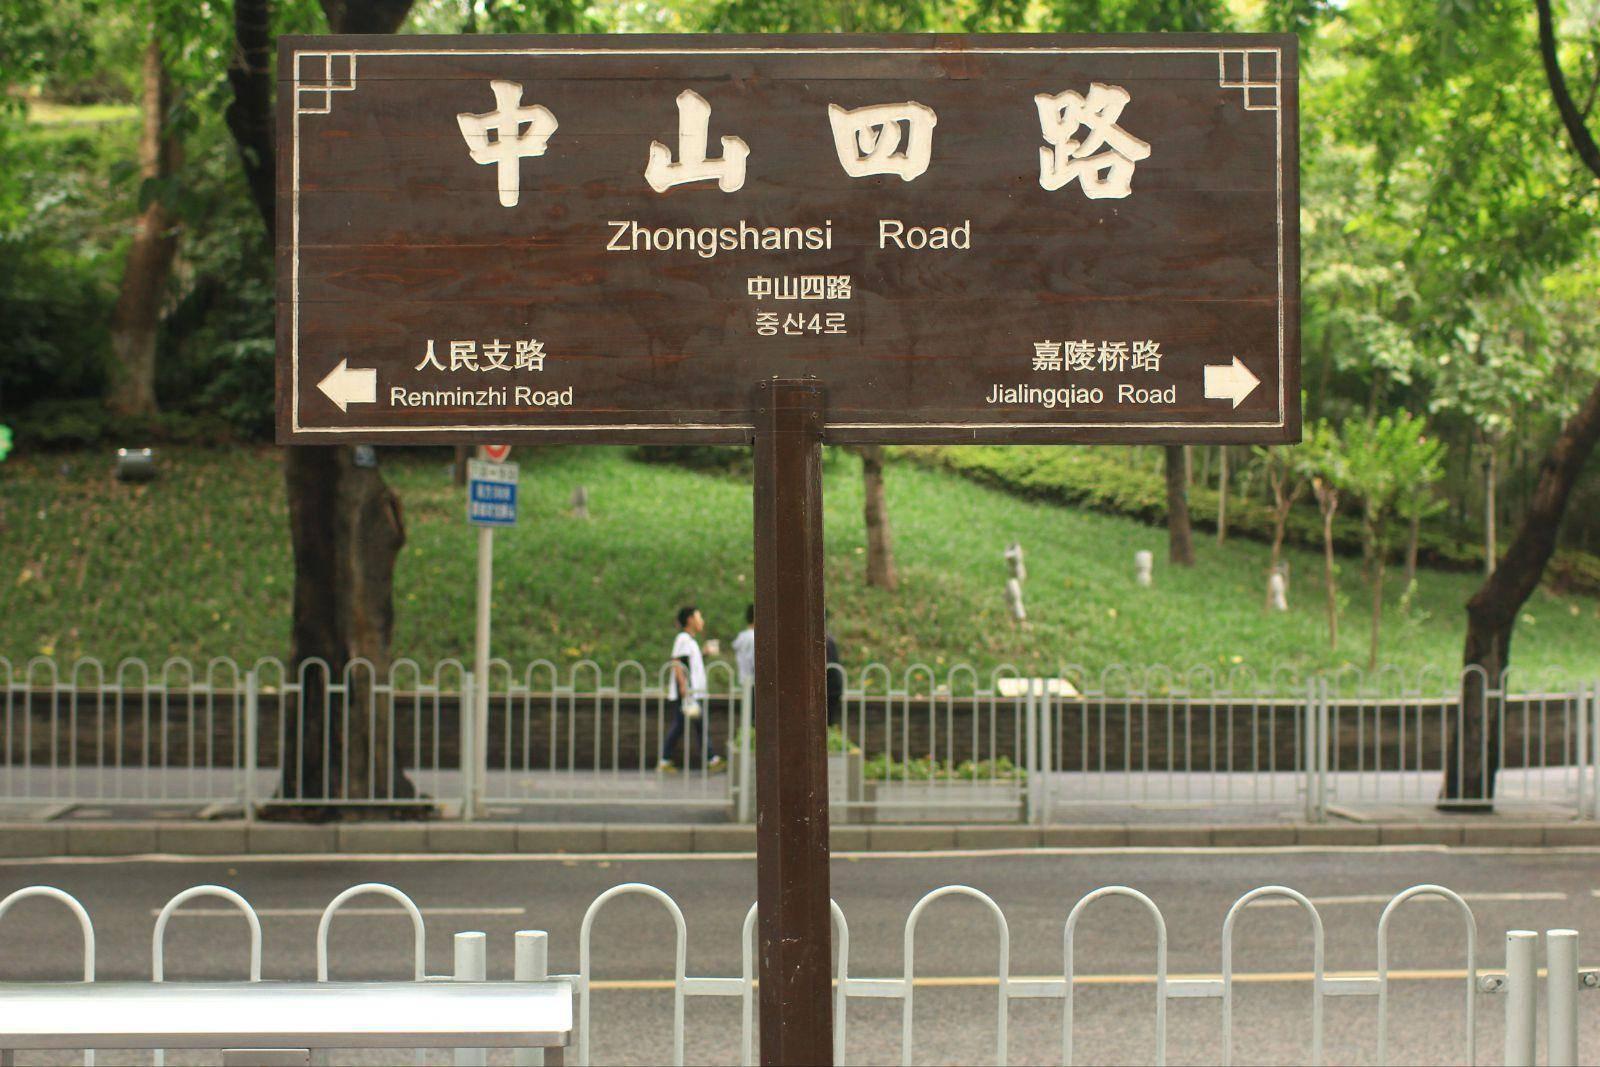 重庆有条抗战文化一条街,总长千米左右,代言着重庆的前世今生